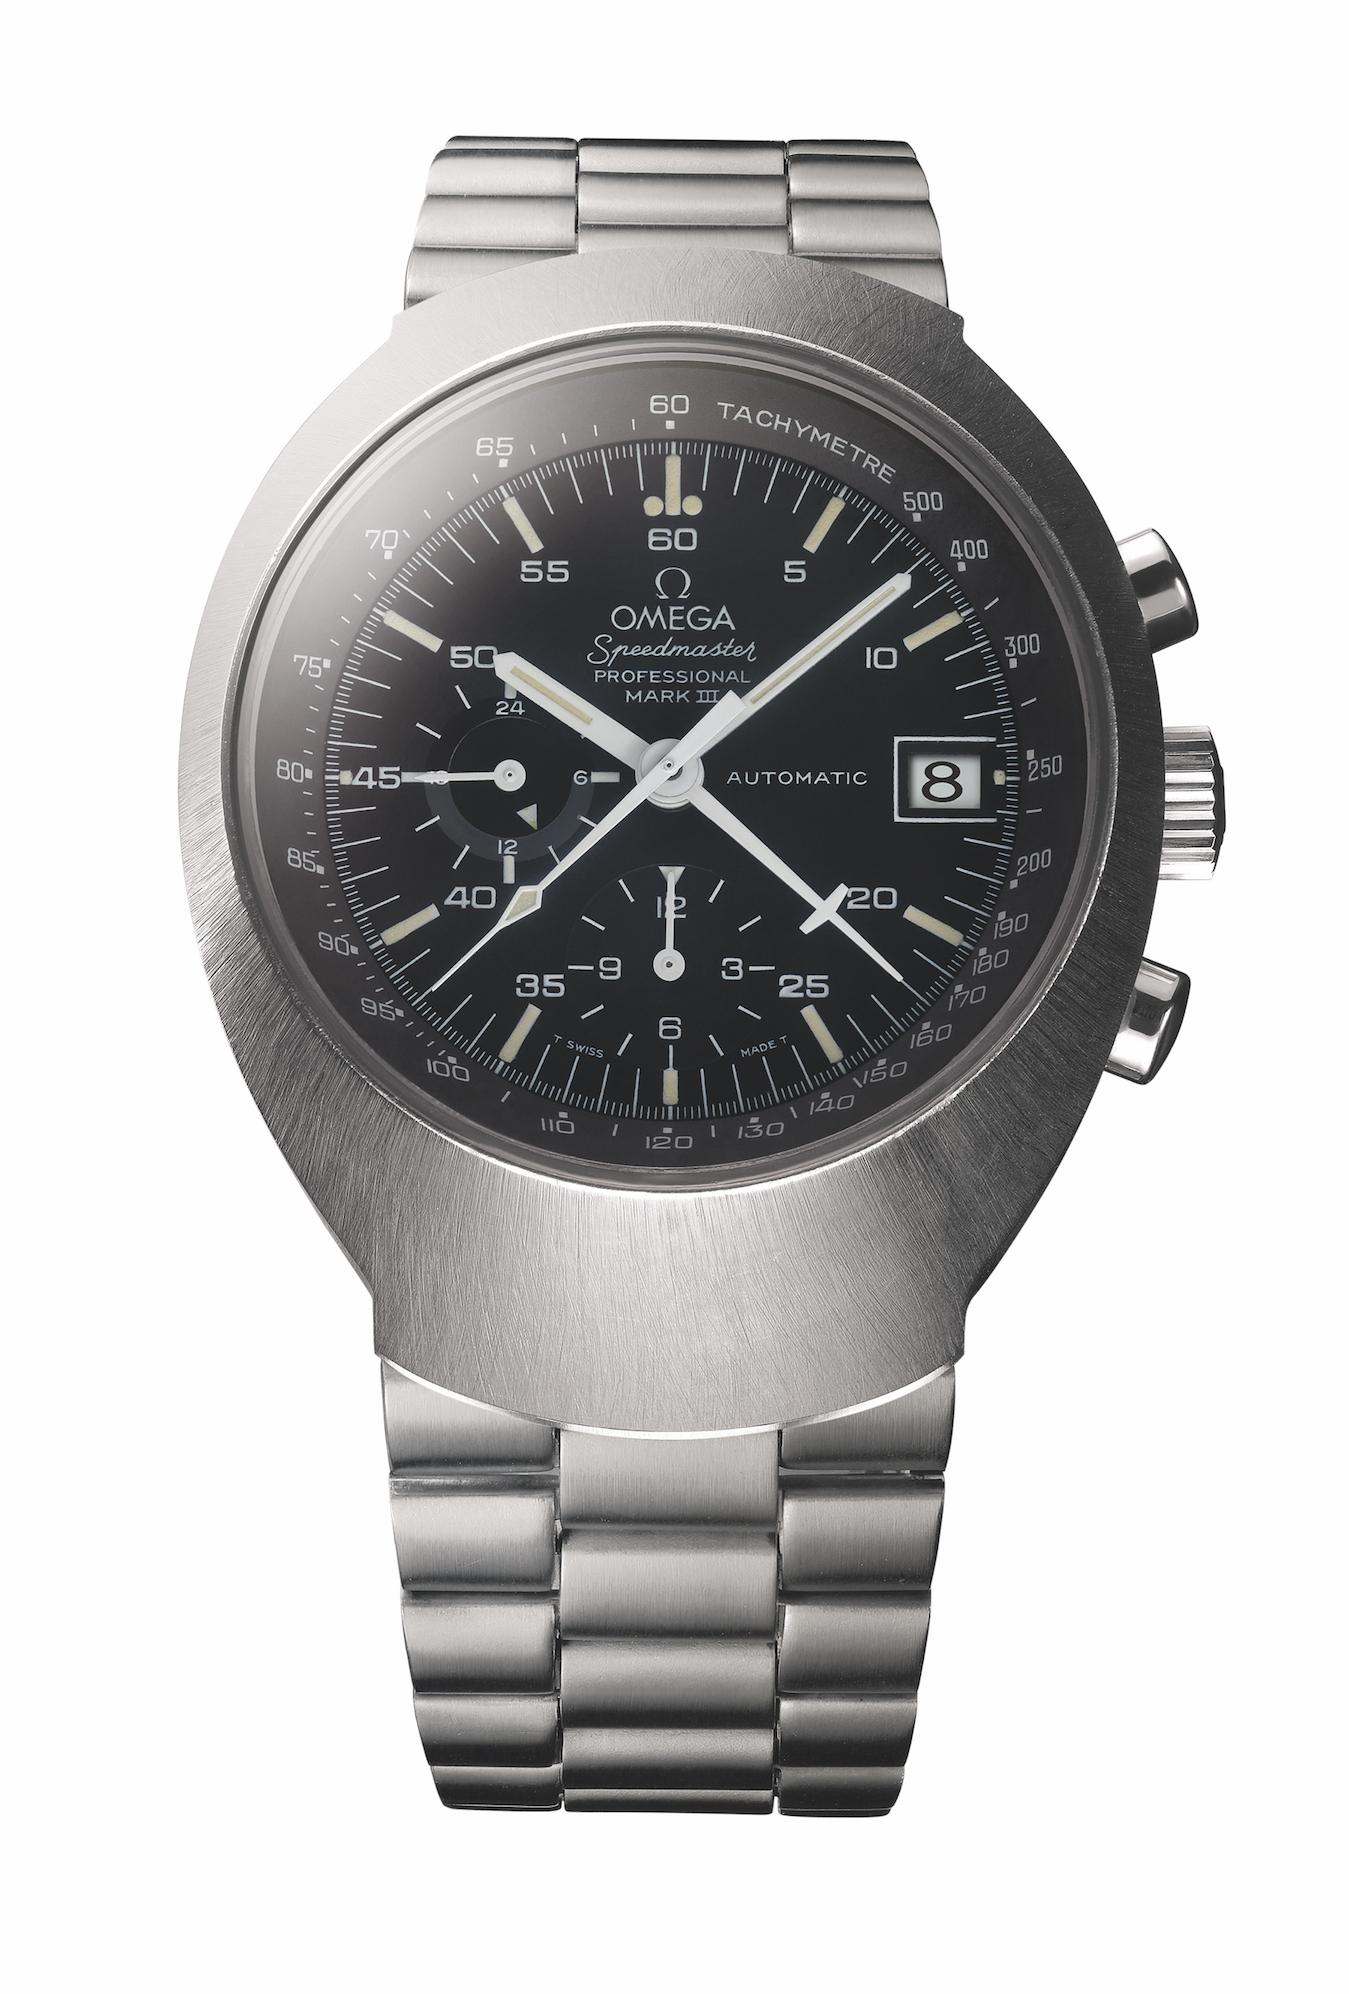 Omega Speedmaster MARK III 1971